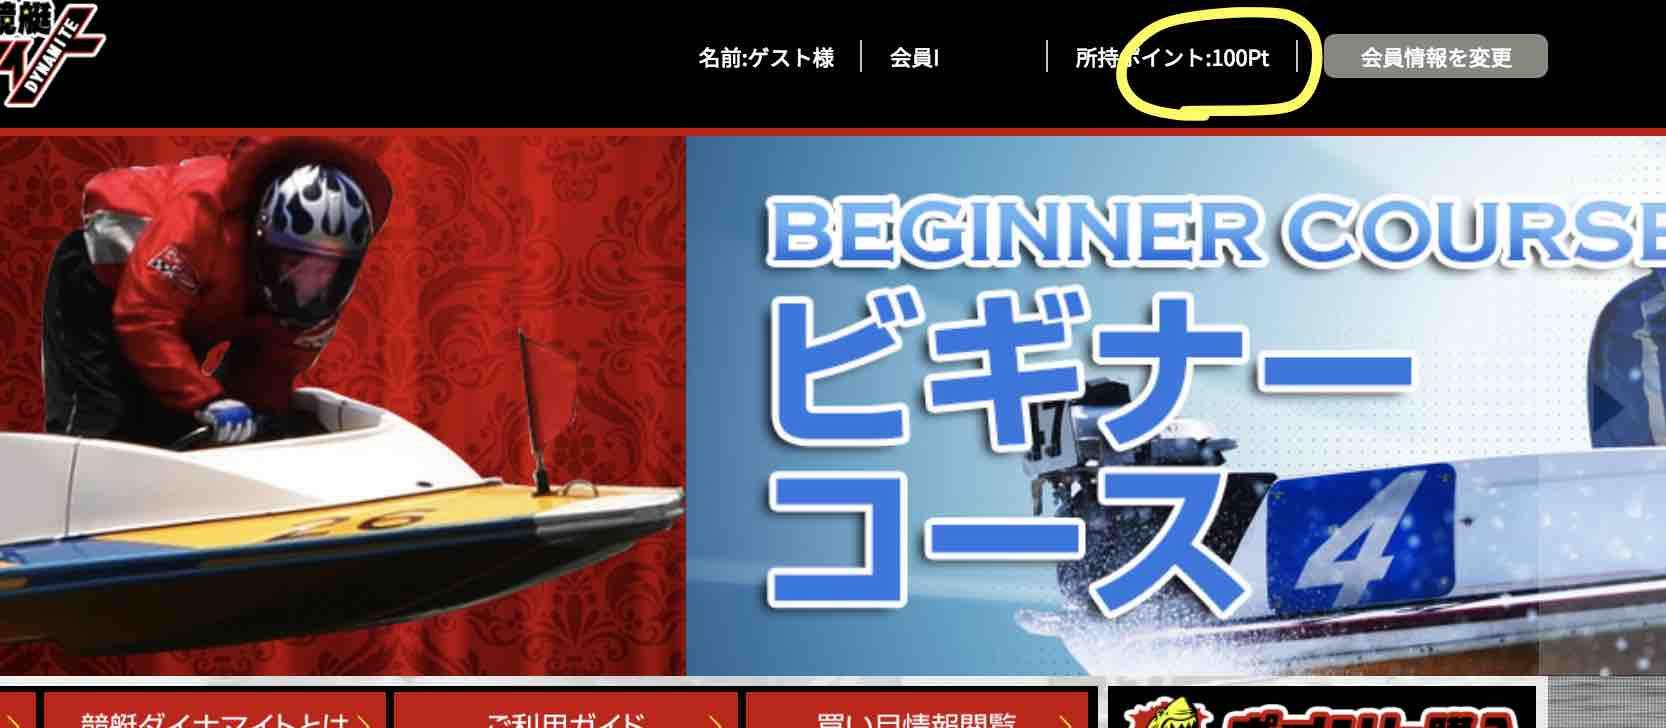 競艇ダイナマイトという競艇予想サイト(ボートレース)で100pt付与された